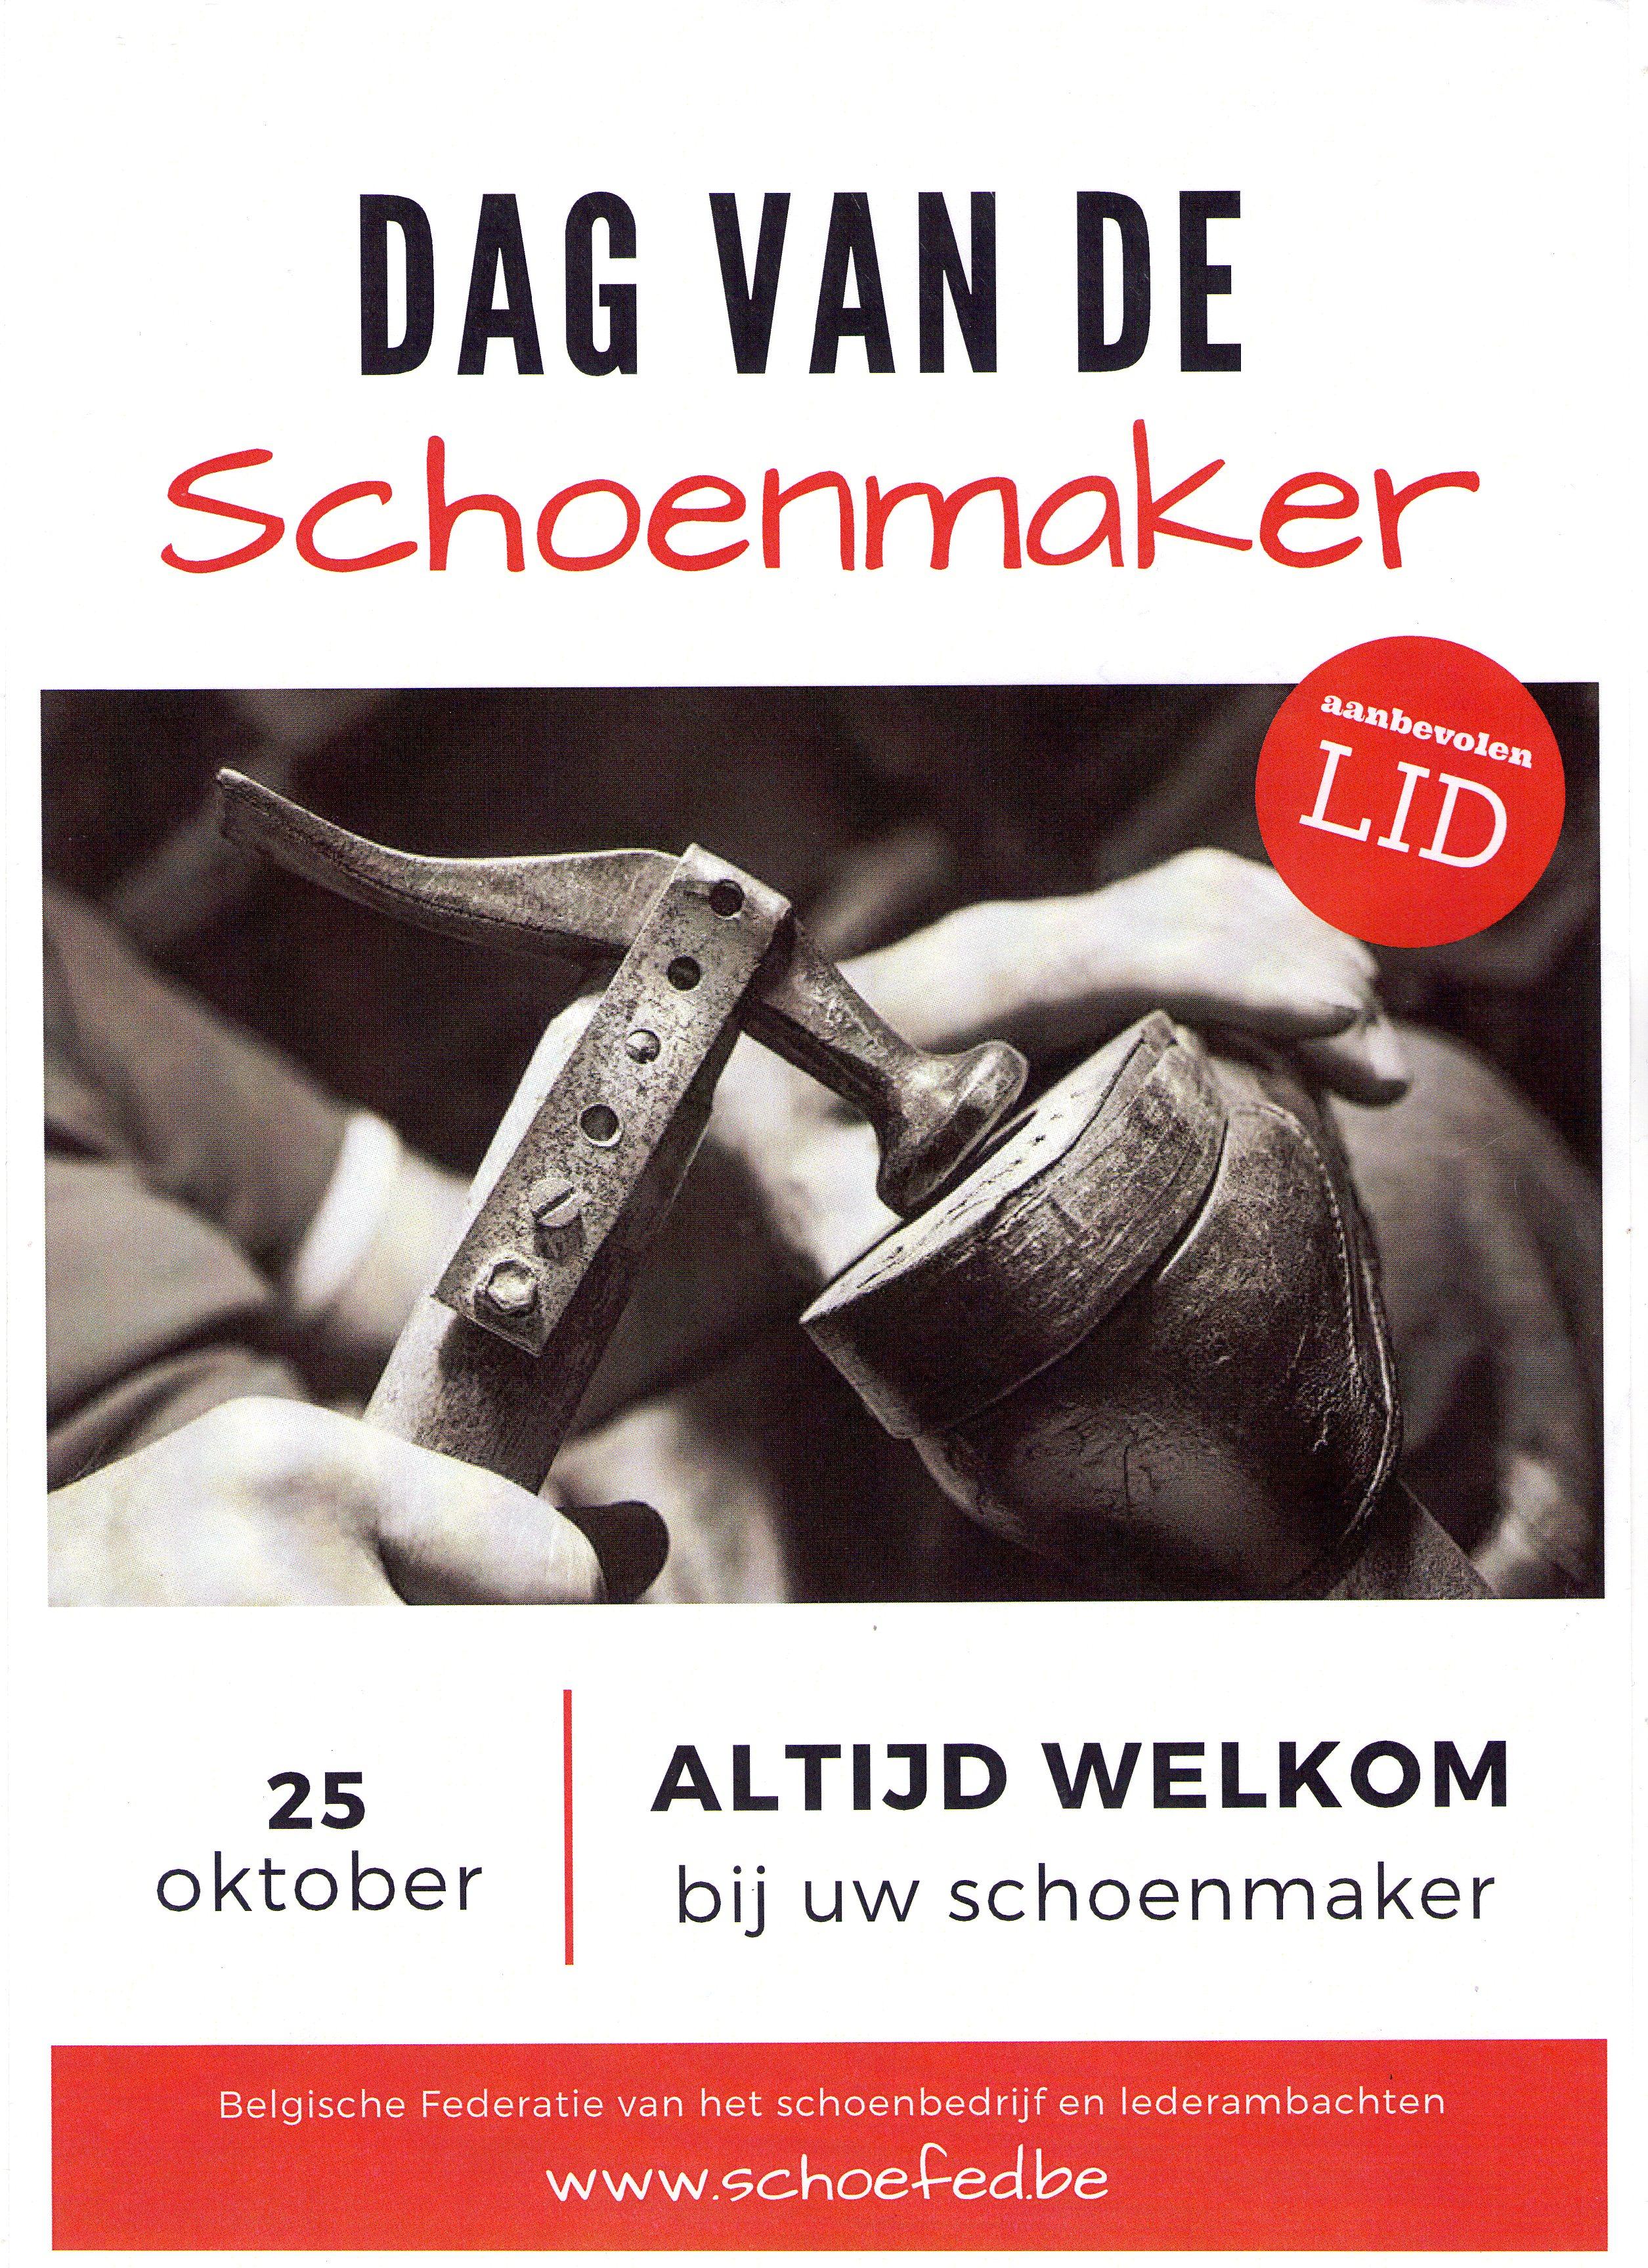 dag van de schoenmaker